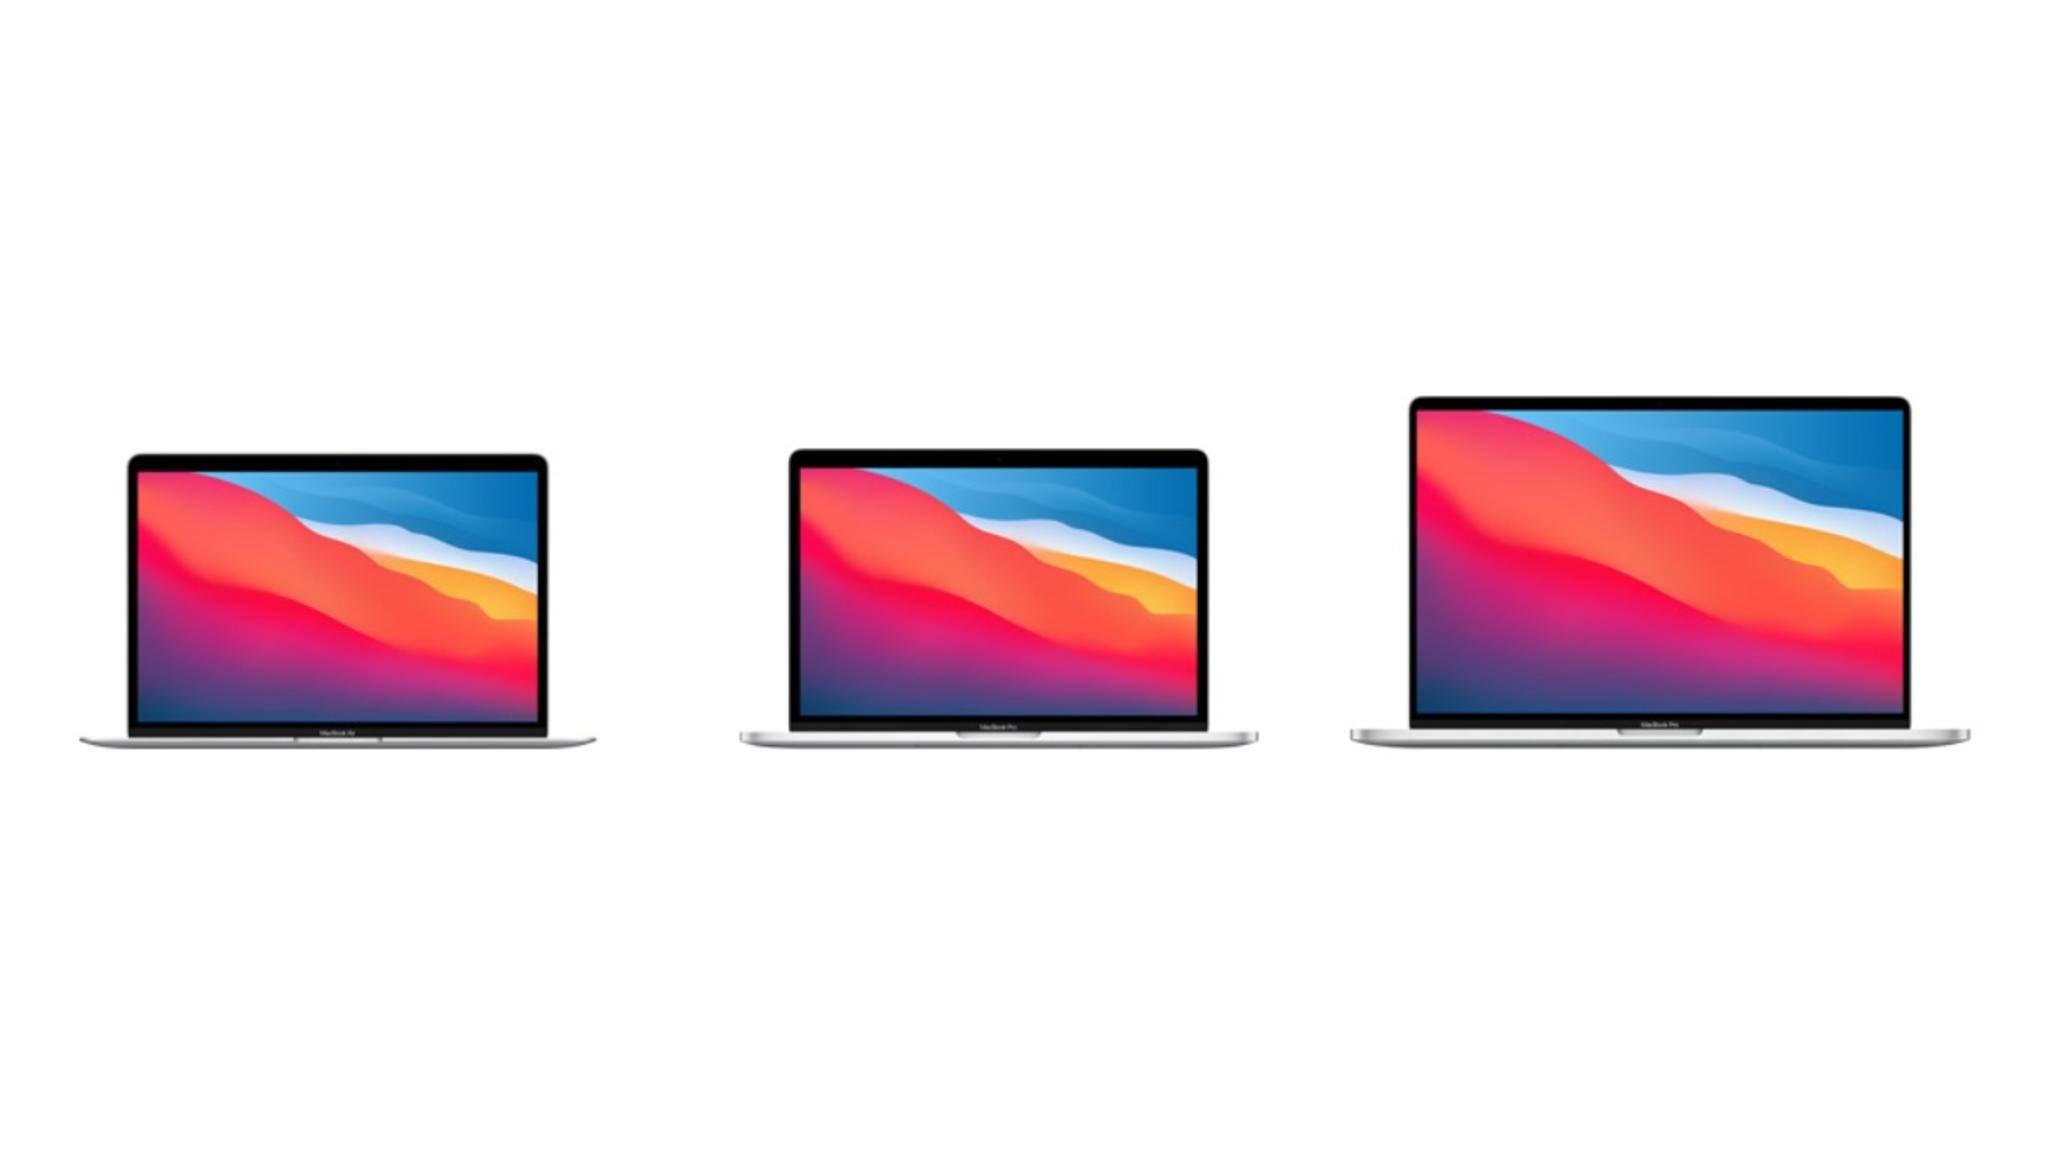 Welches soll es sein? Das MacBook Air, das MacBook Pro 13 oder das MacBook Pro 16.